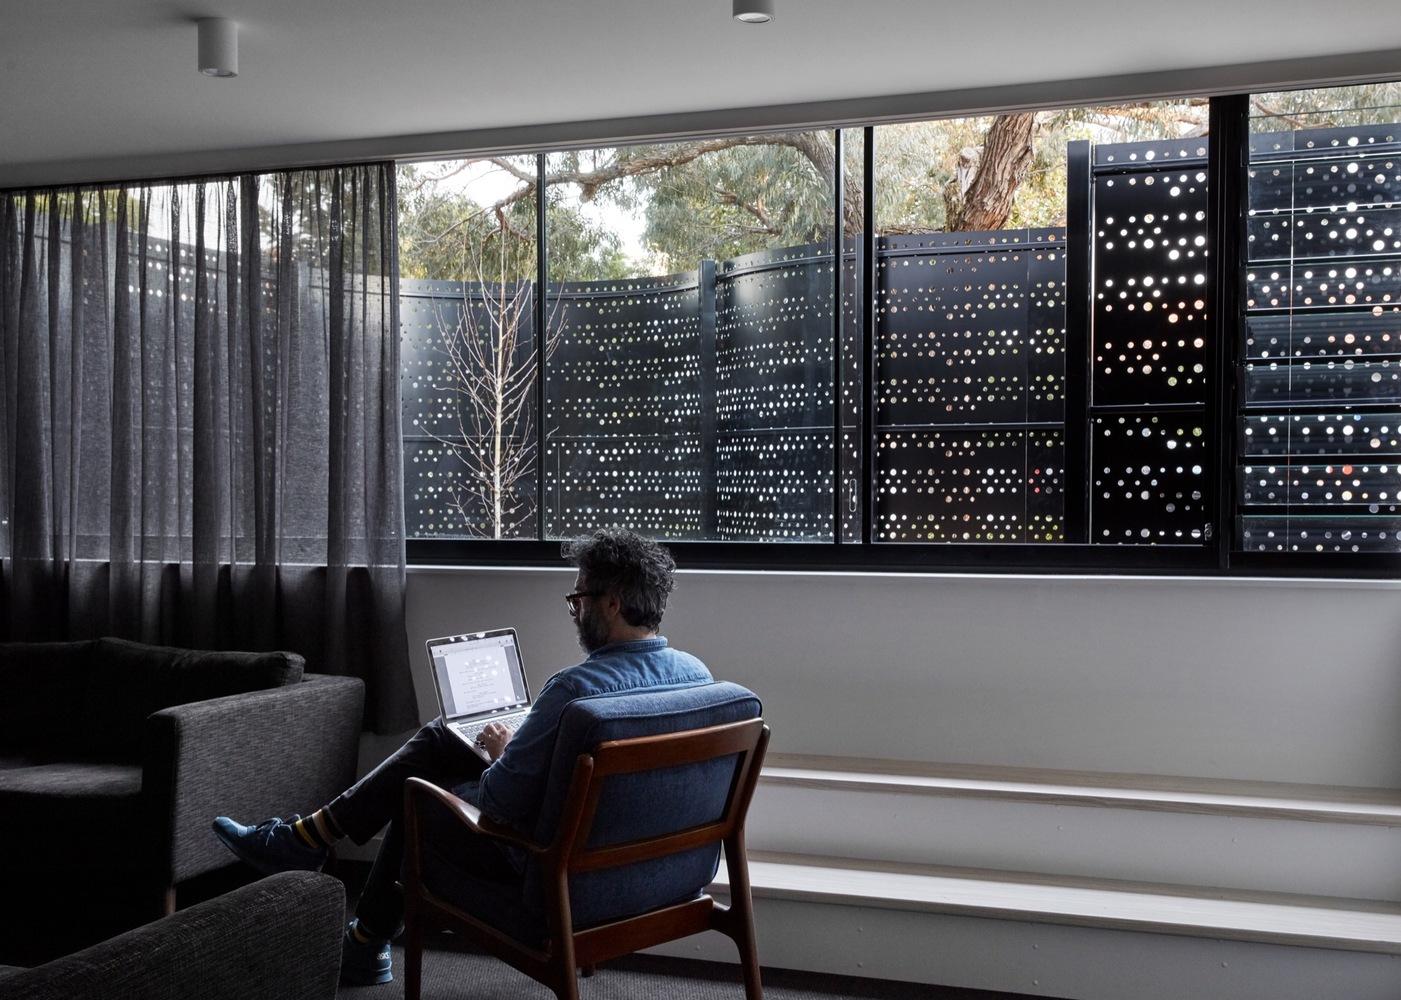 casa-australia-escritor-casas-dos-sonhos-inspiracao-um-cafe-pra-dois-13